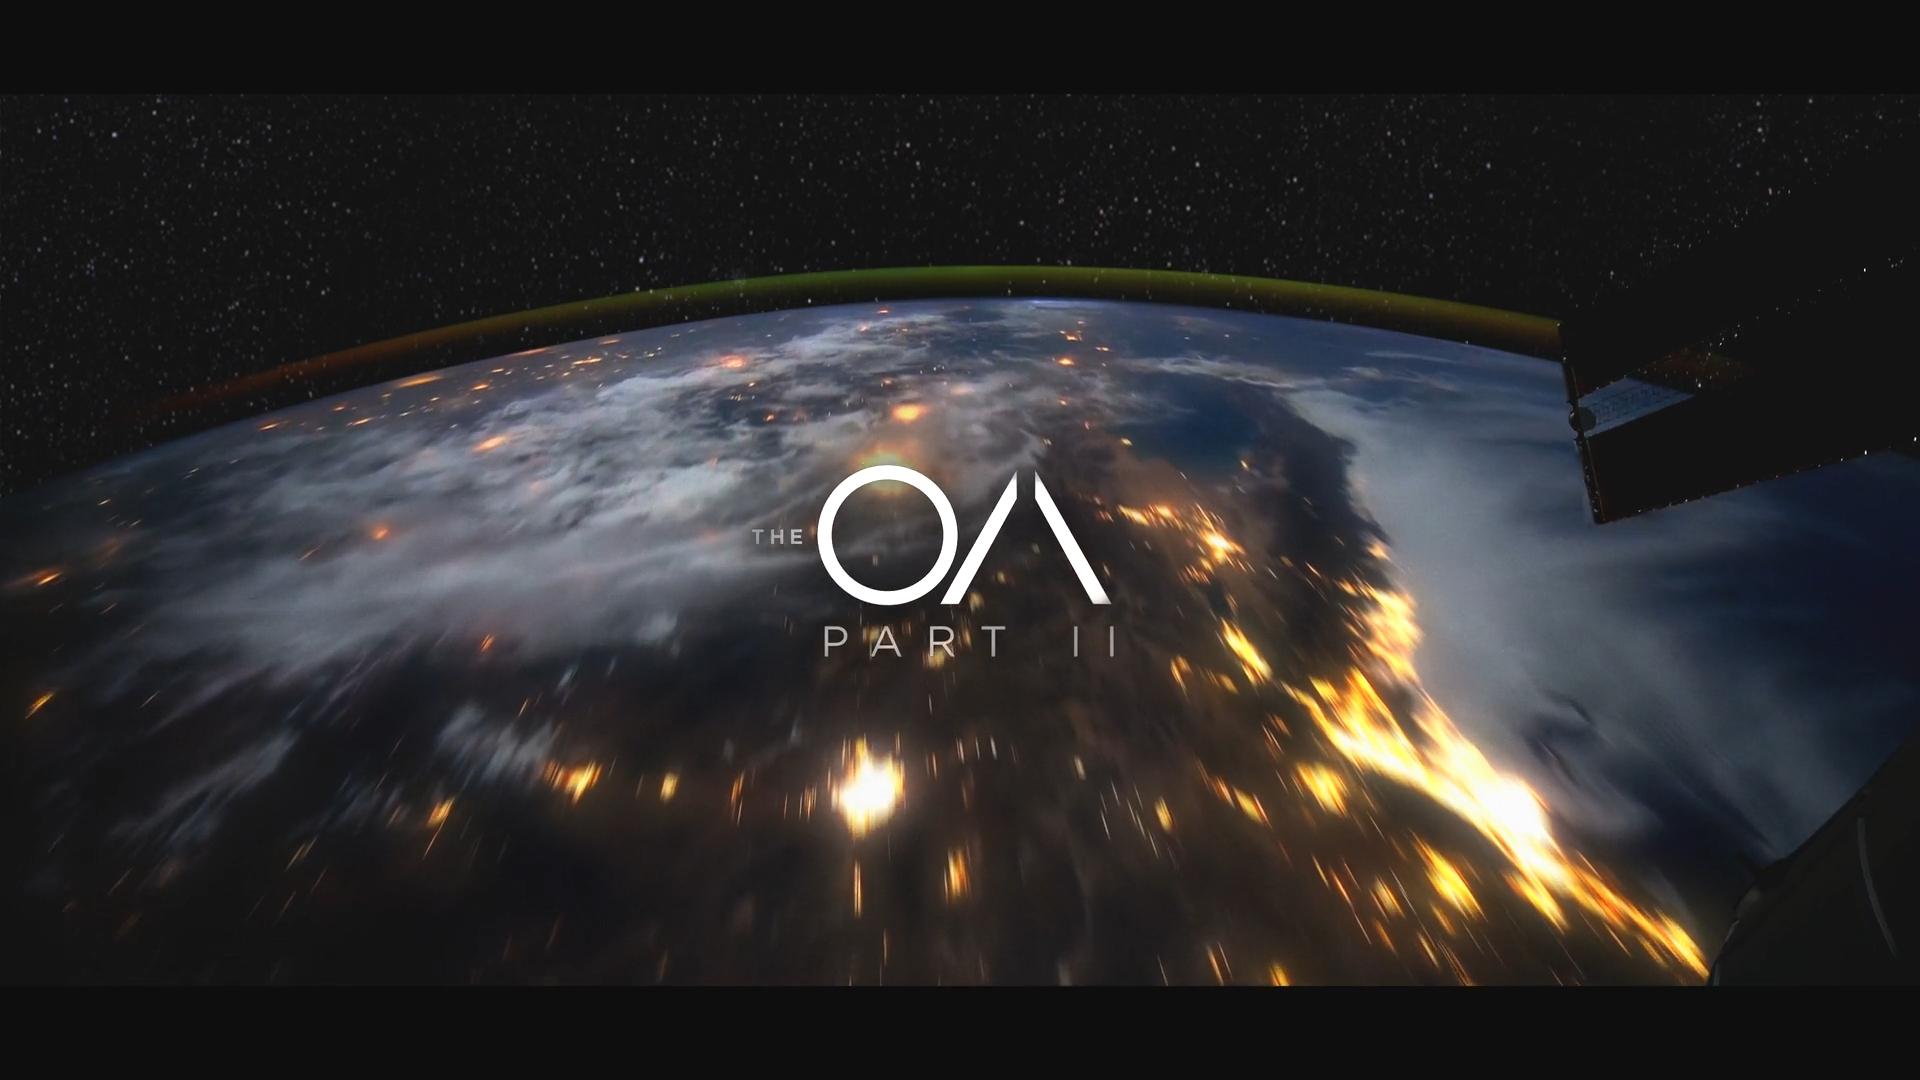 The.OA.S02E01.1080p.WEB.X264.Rus.Eng.BaibaKo.tv.Eng.Sub.mkv_snapshot_00.38.04.jpg